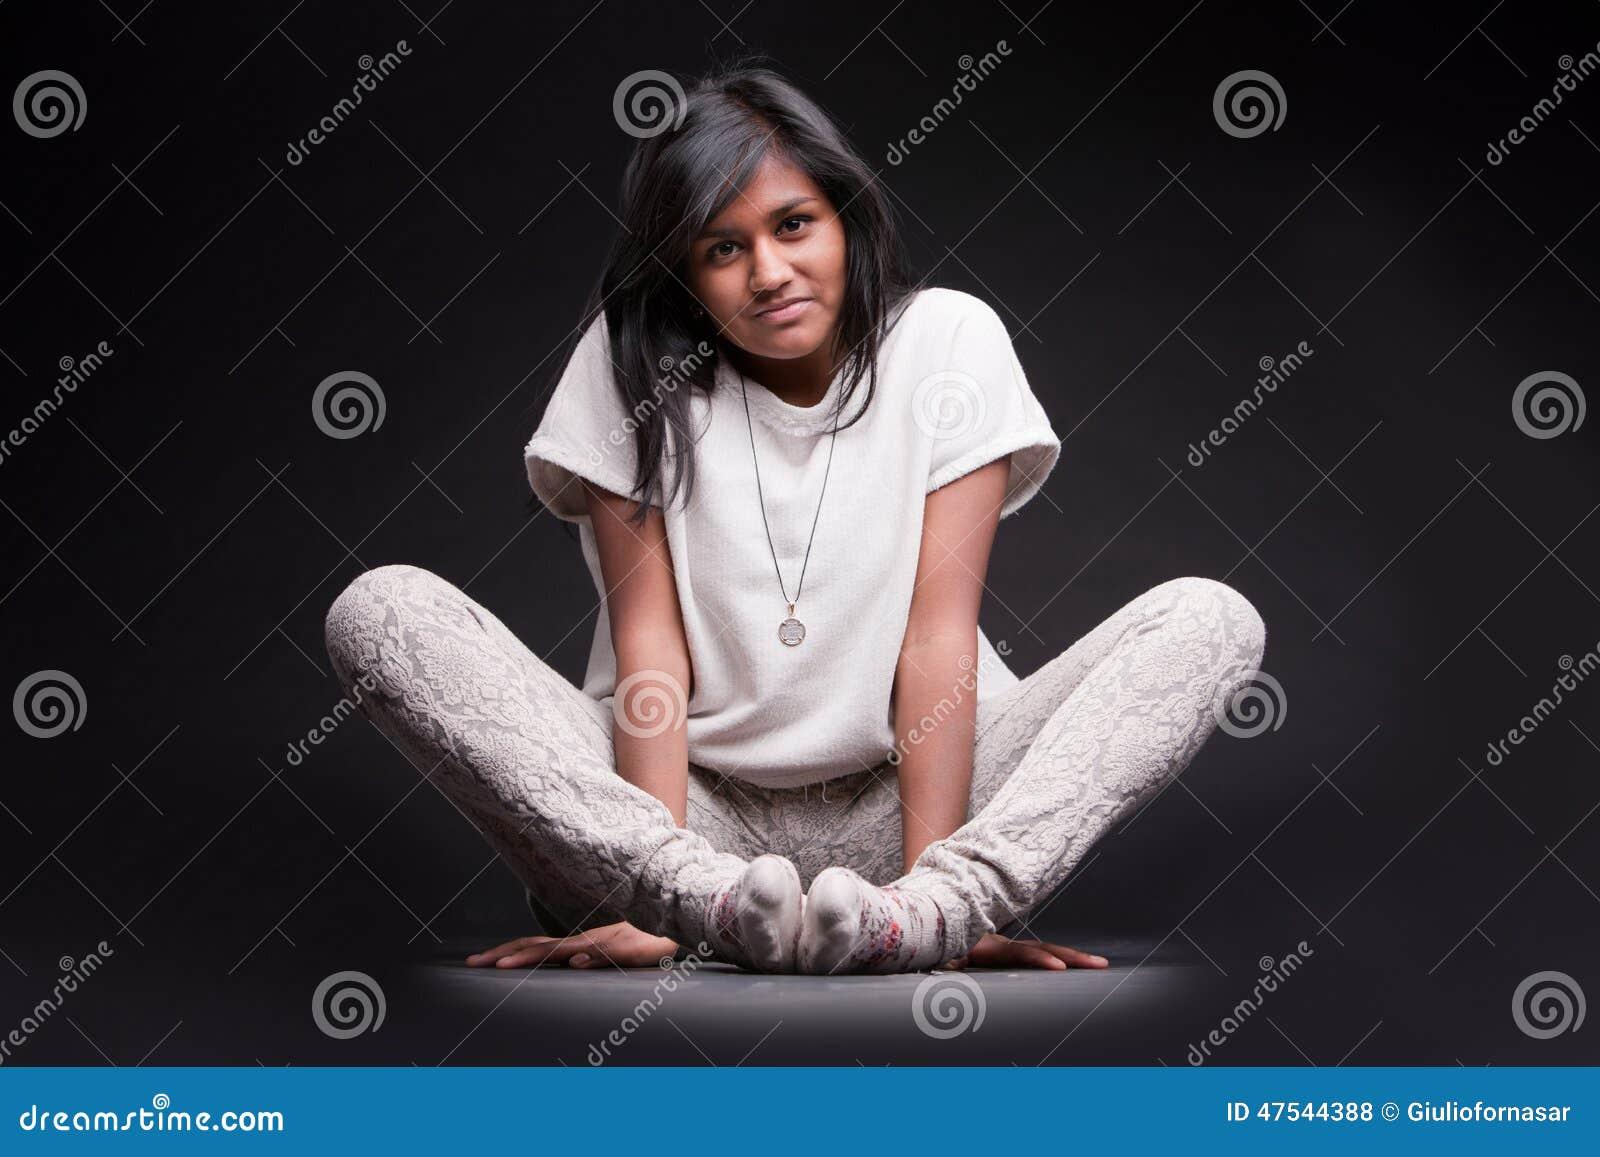 Ritratto di una ragazza indiana accovacciata fotografia - Colorazione immagine di una ragazza ...